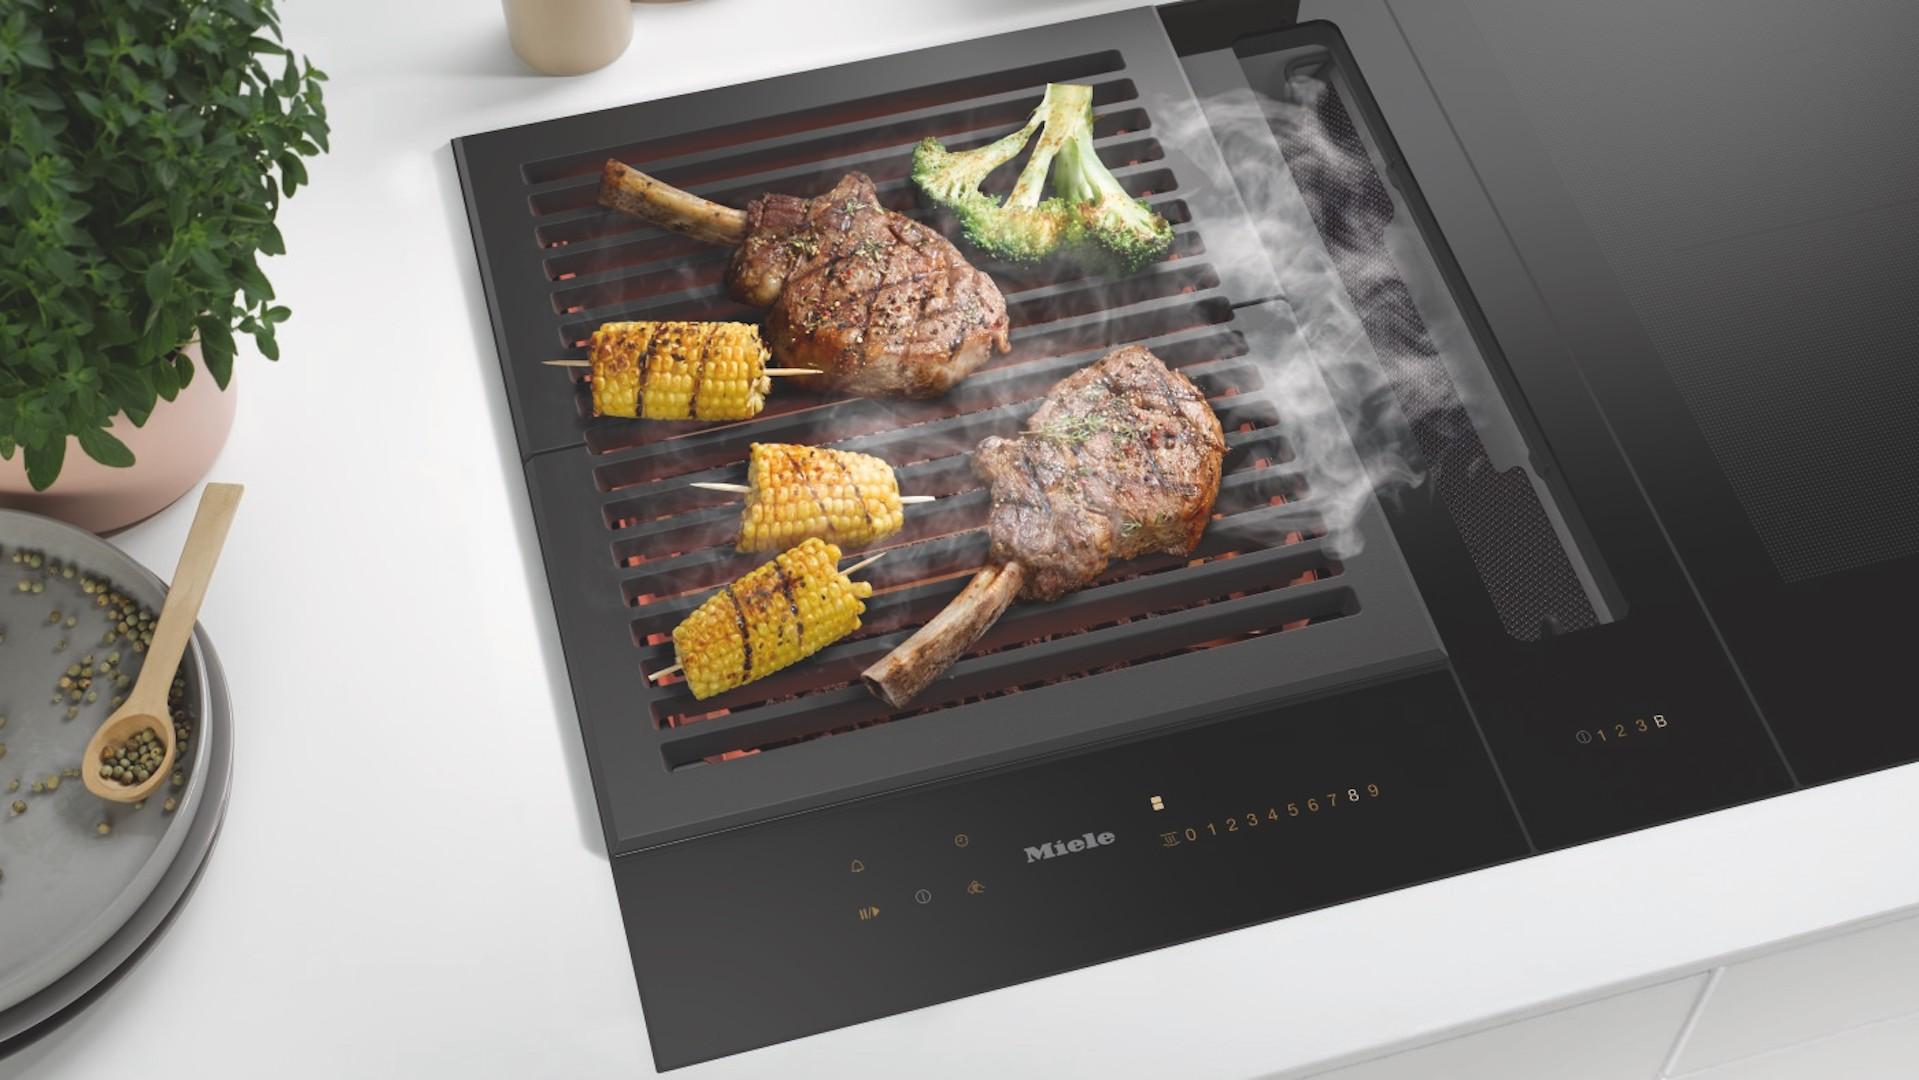 Miele SmartLine kookplaat met verschillende kookelementen zoals een grillrooster en een werkbladafzuiging